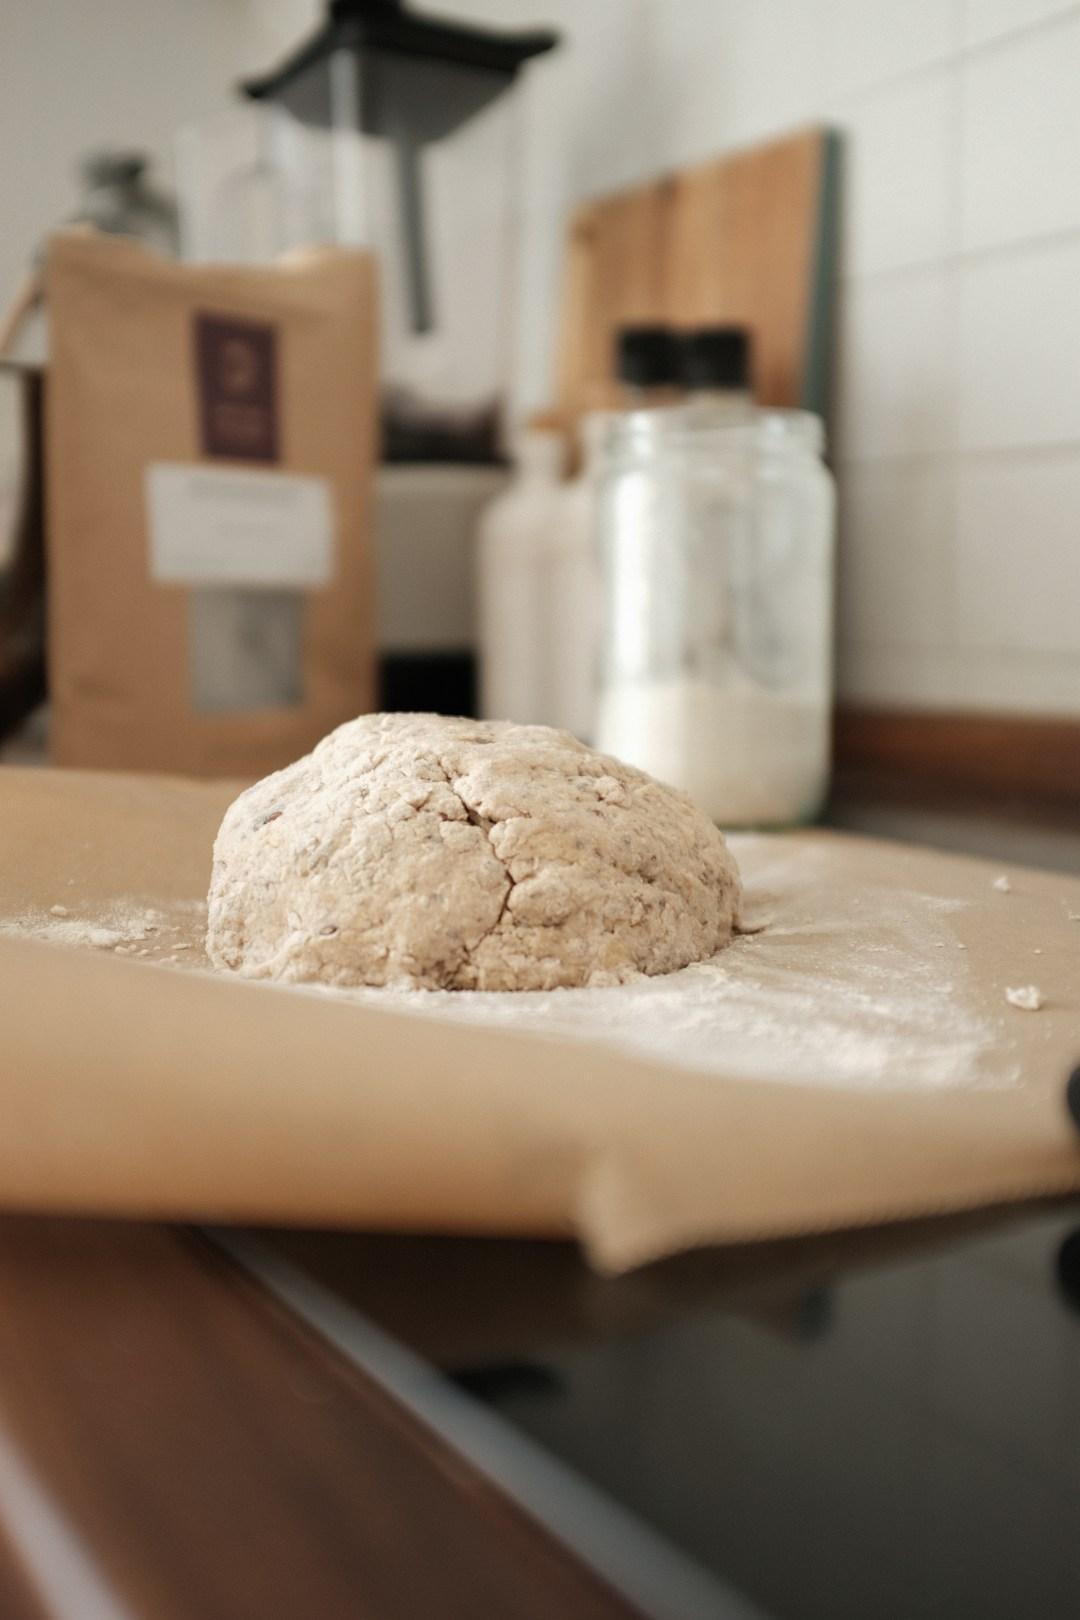 Proteinbrot mit Nüssen - Zubereitung